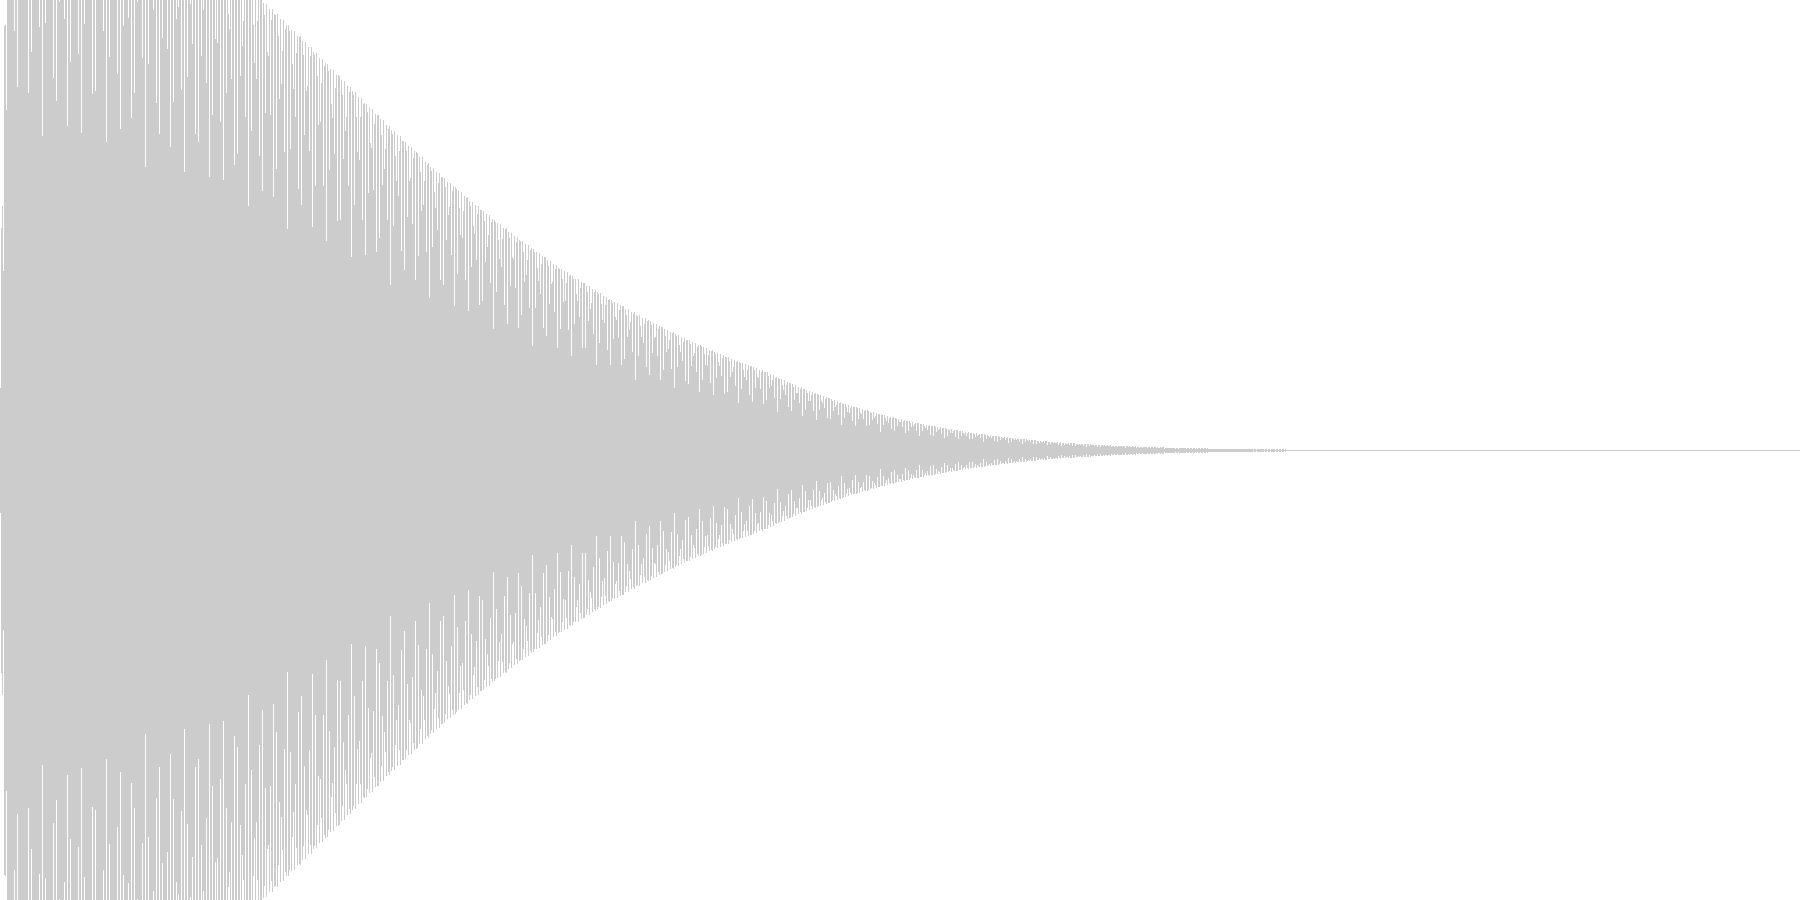 ボタン・カーソル・操作音 「ピーン」の未再生の波形